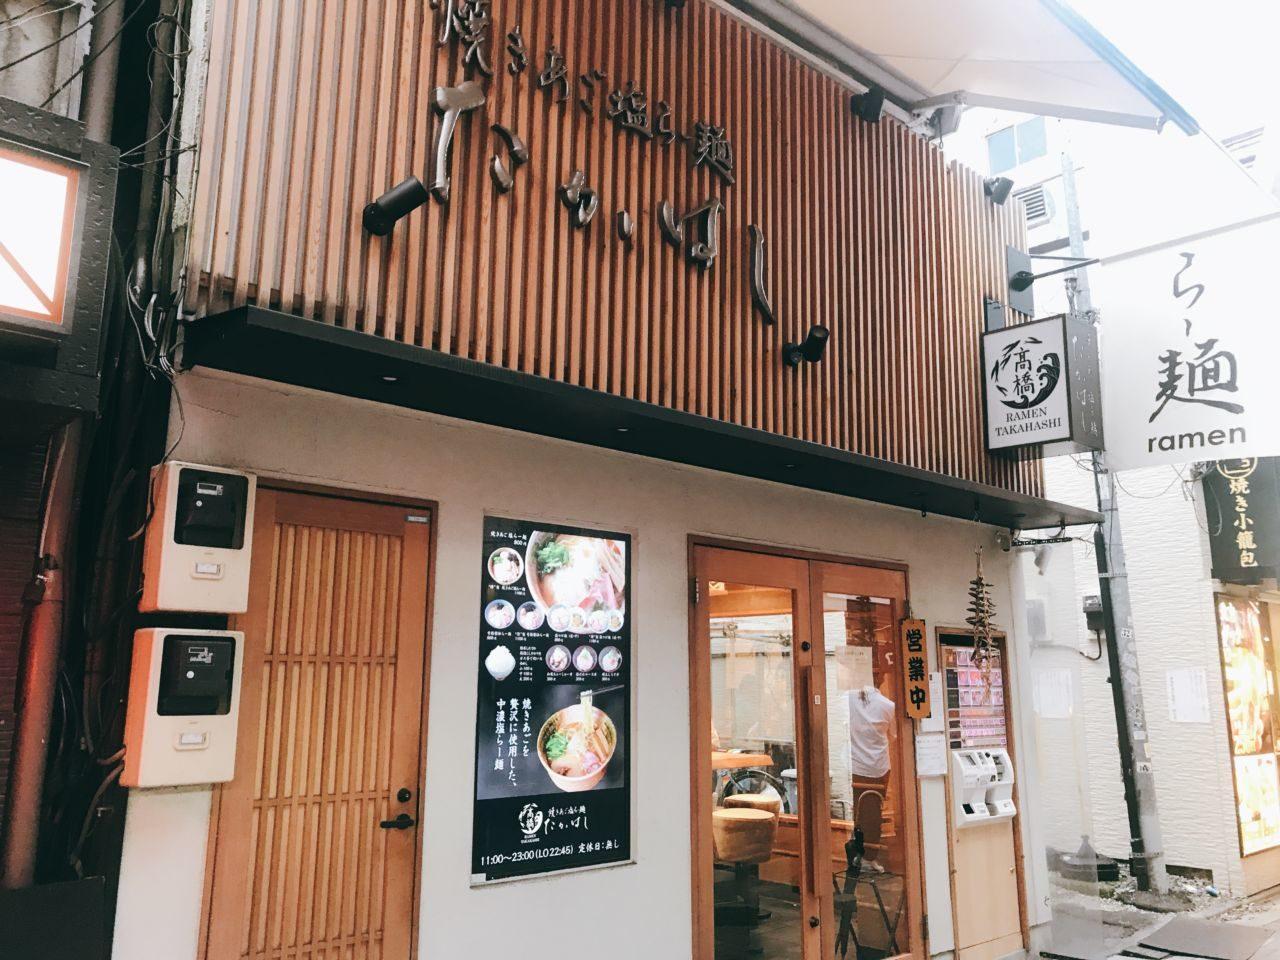 焼きあご塩らー麺 たかはし上野店 外観